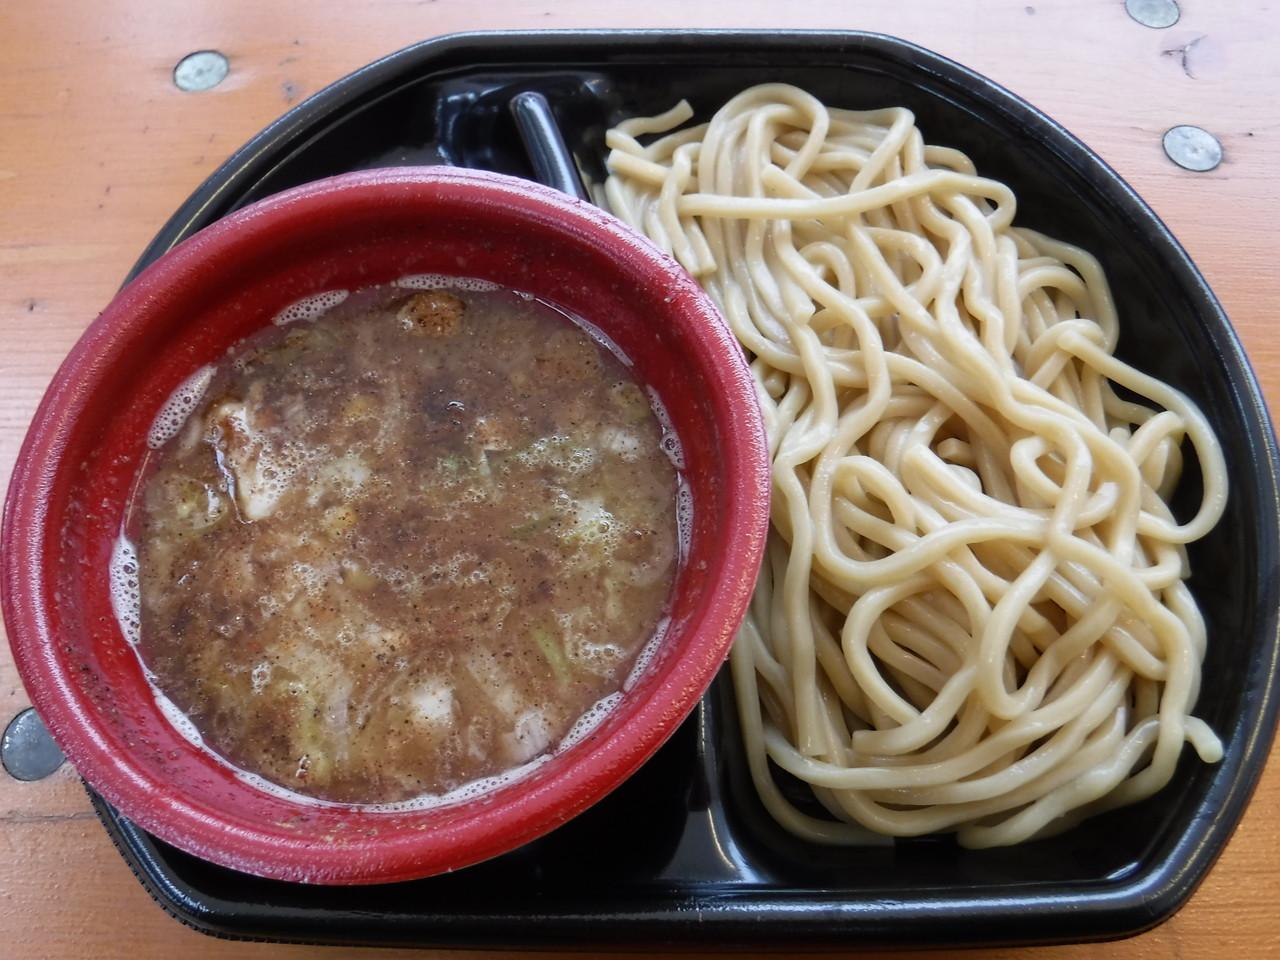 [大つけ麺博] - くり山 「つけめん ¥500→¥480(セブンチケット前売券使用・税込)」